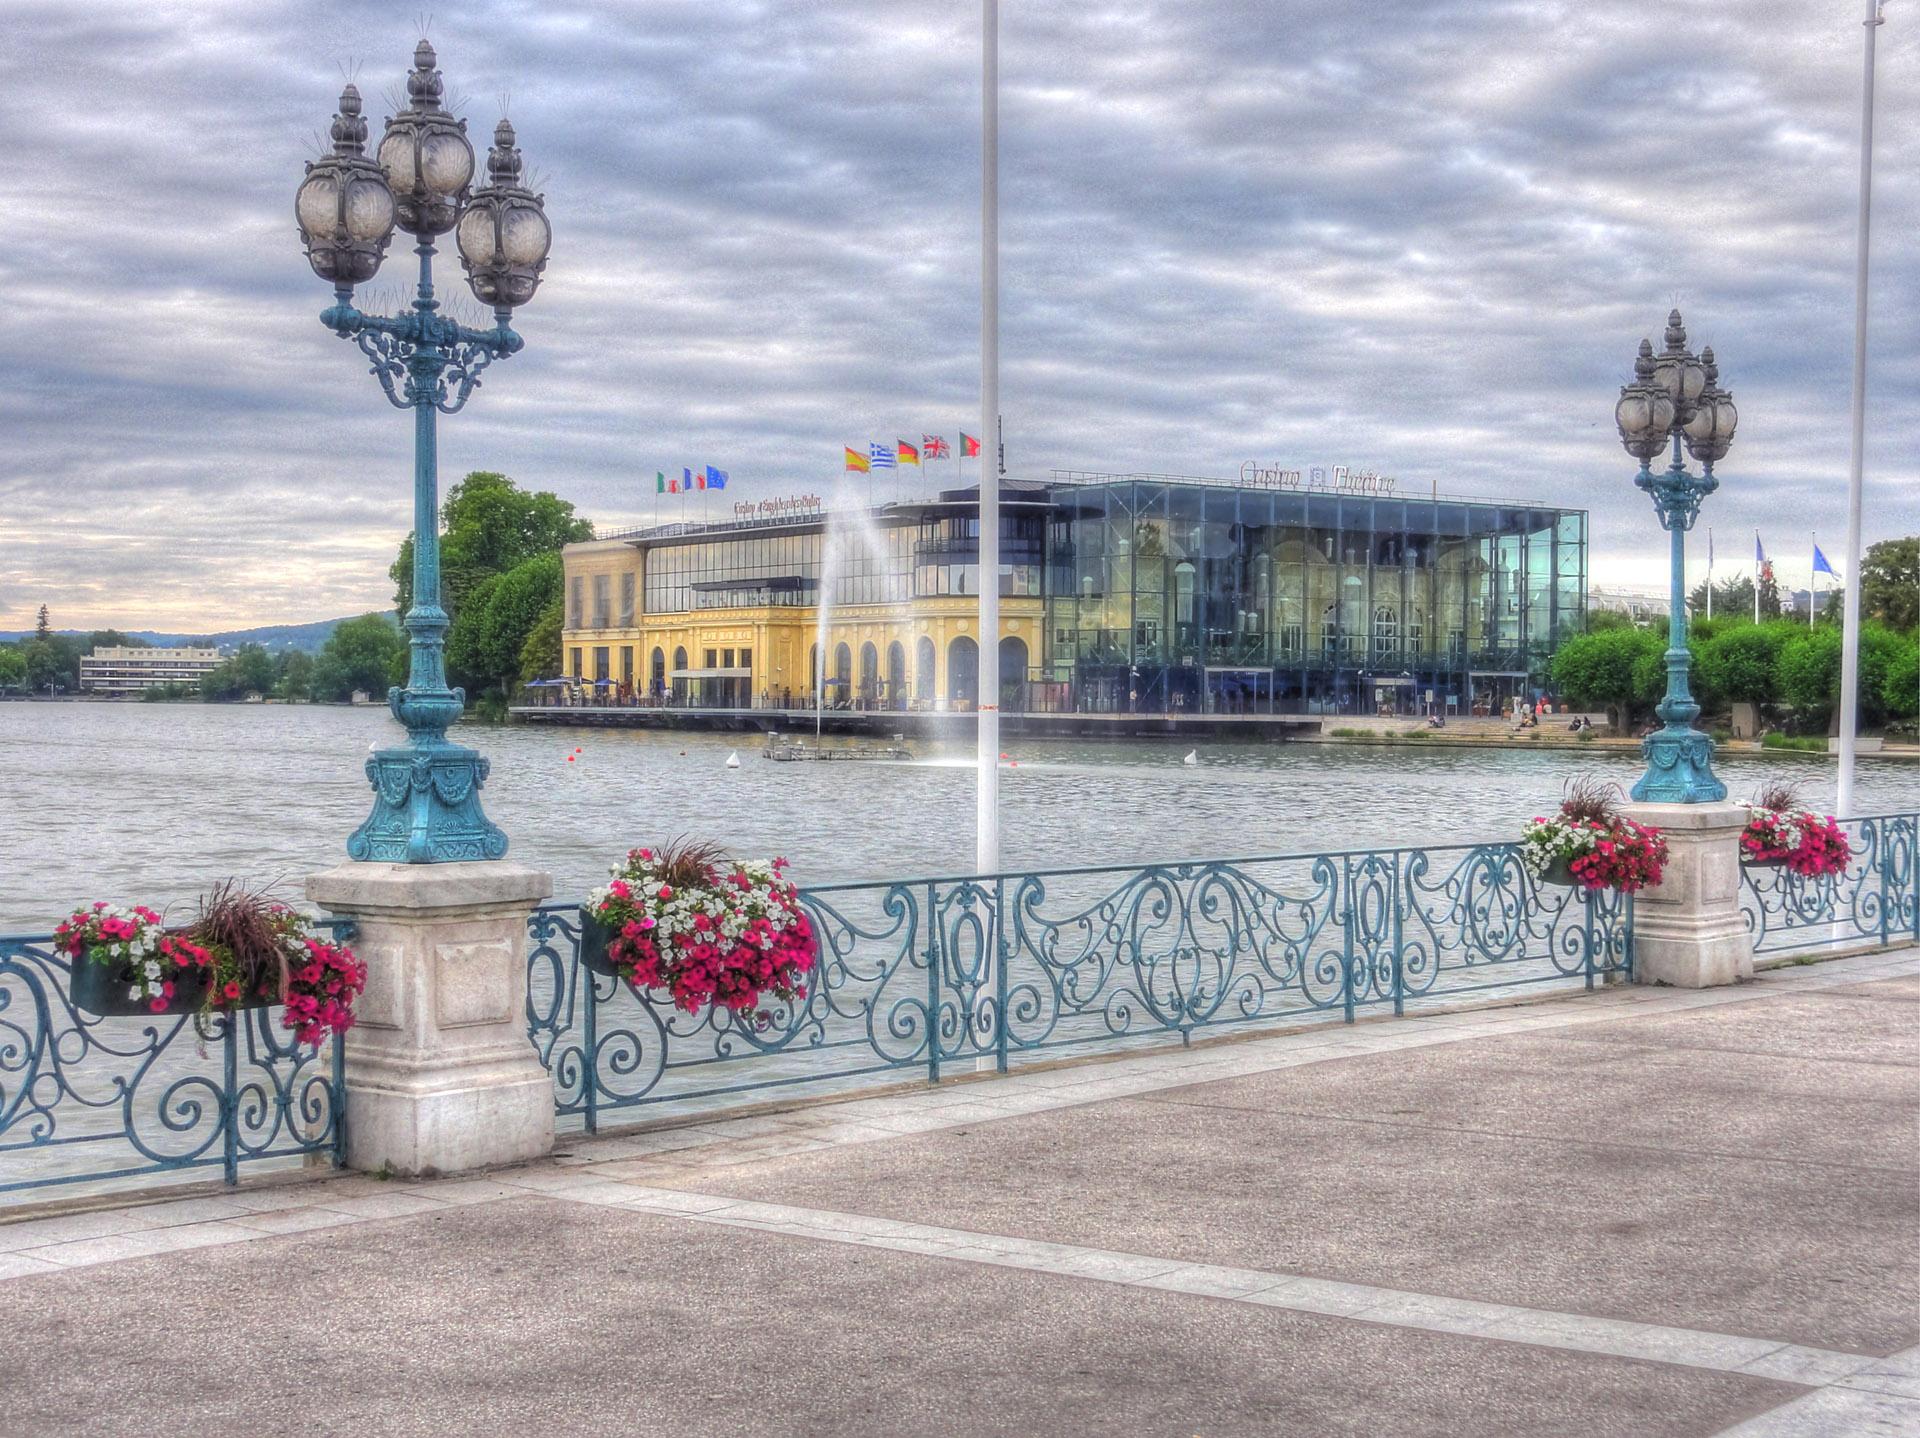 Enghien-les-Bains_-_Jetée_du_lac_et_casino_HDR_01